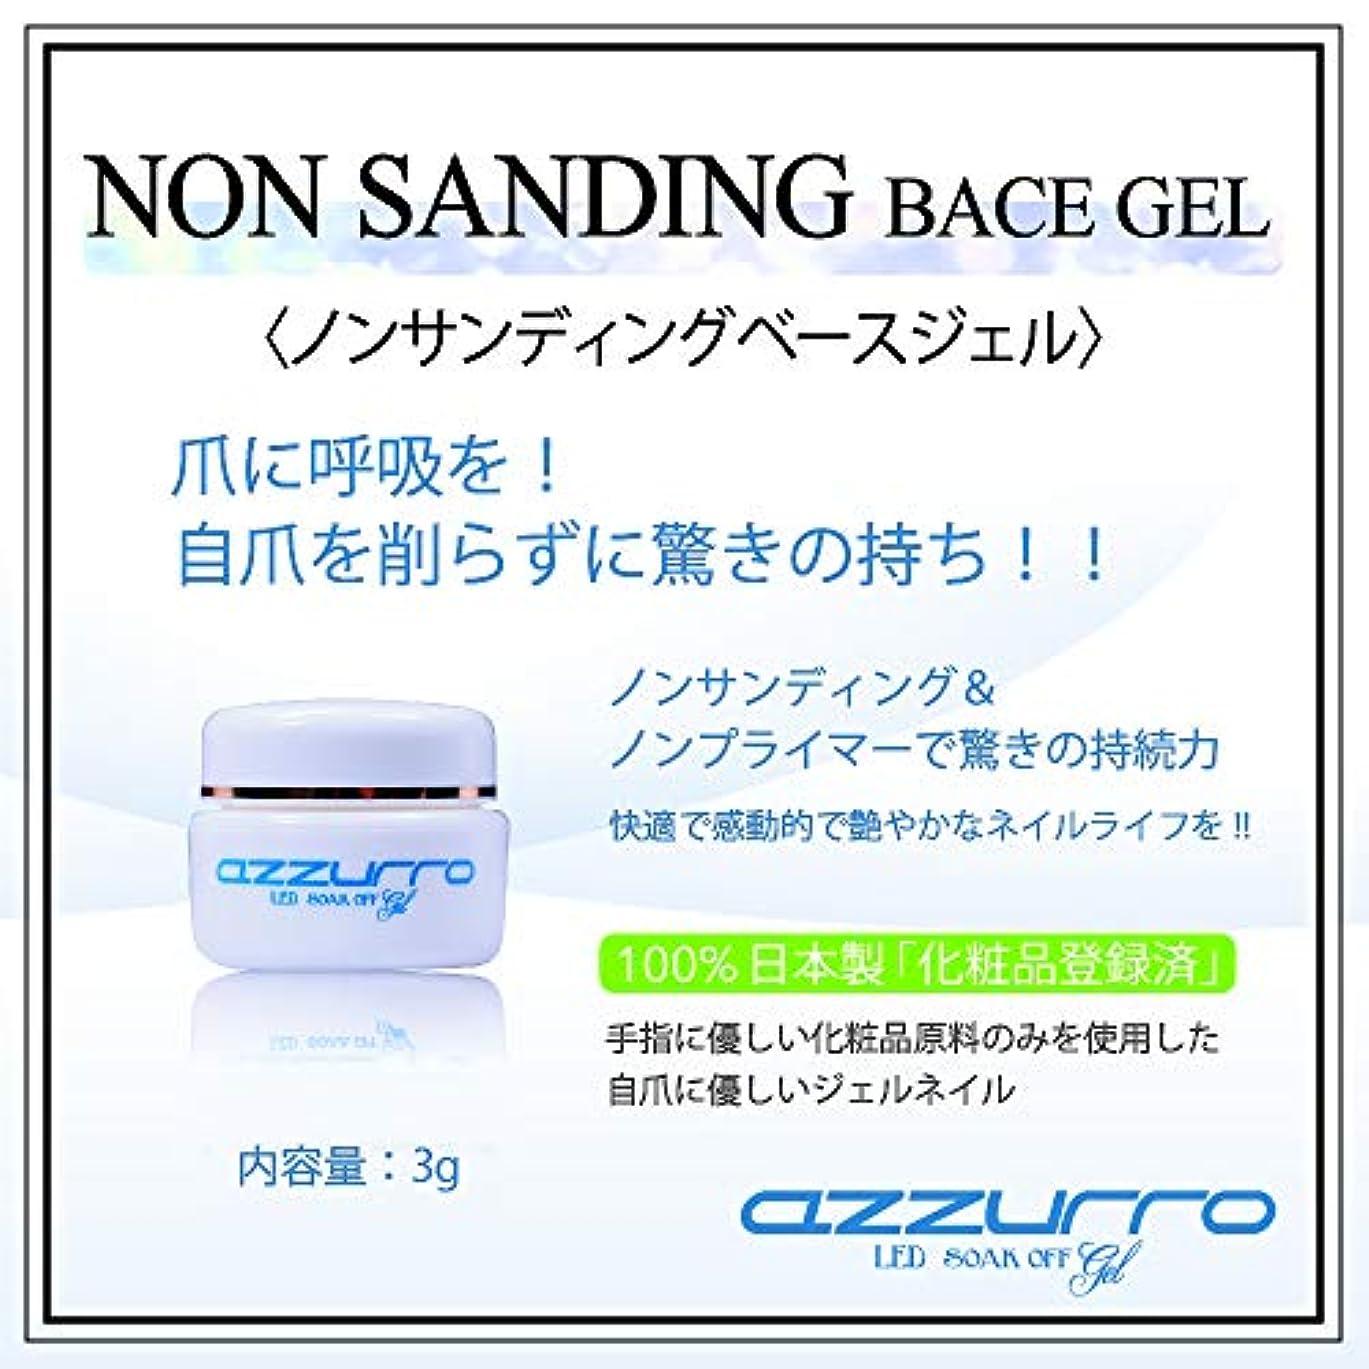 ダブル承認する訴えるazzurro gel アッズーロ ノンサンディング ベースジェル 削らないのに抜群の密着力 リムーバーでオフも簡単 3g